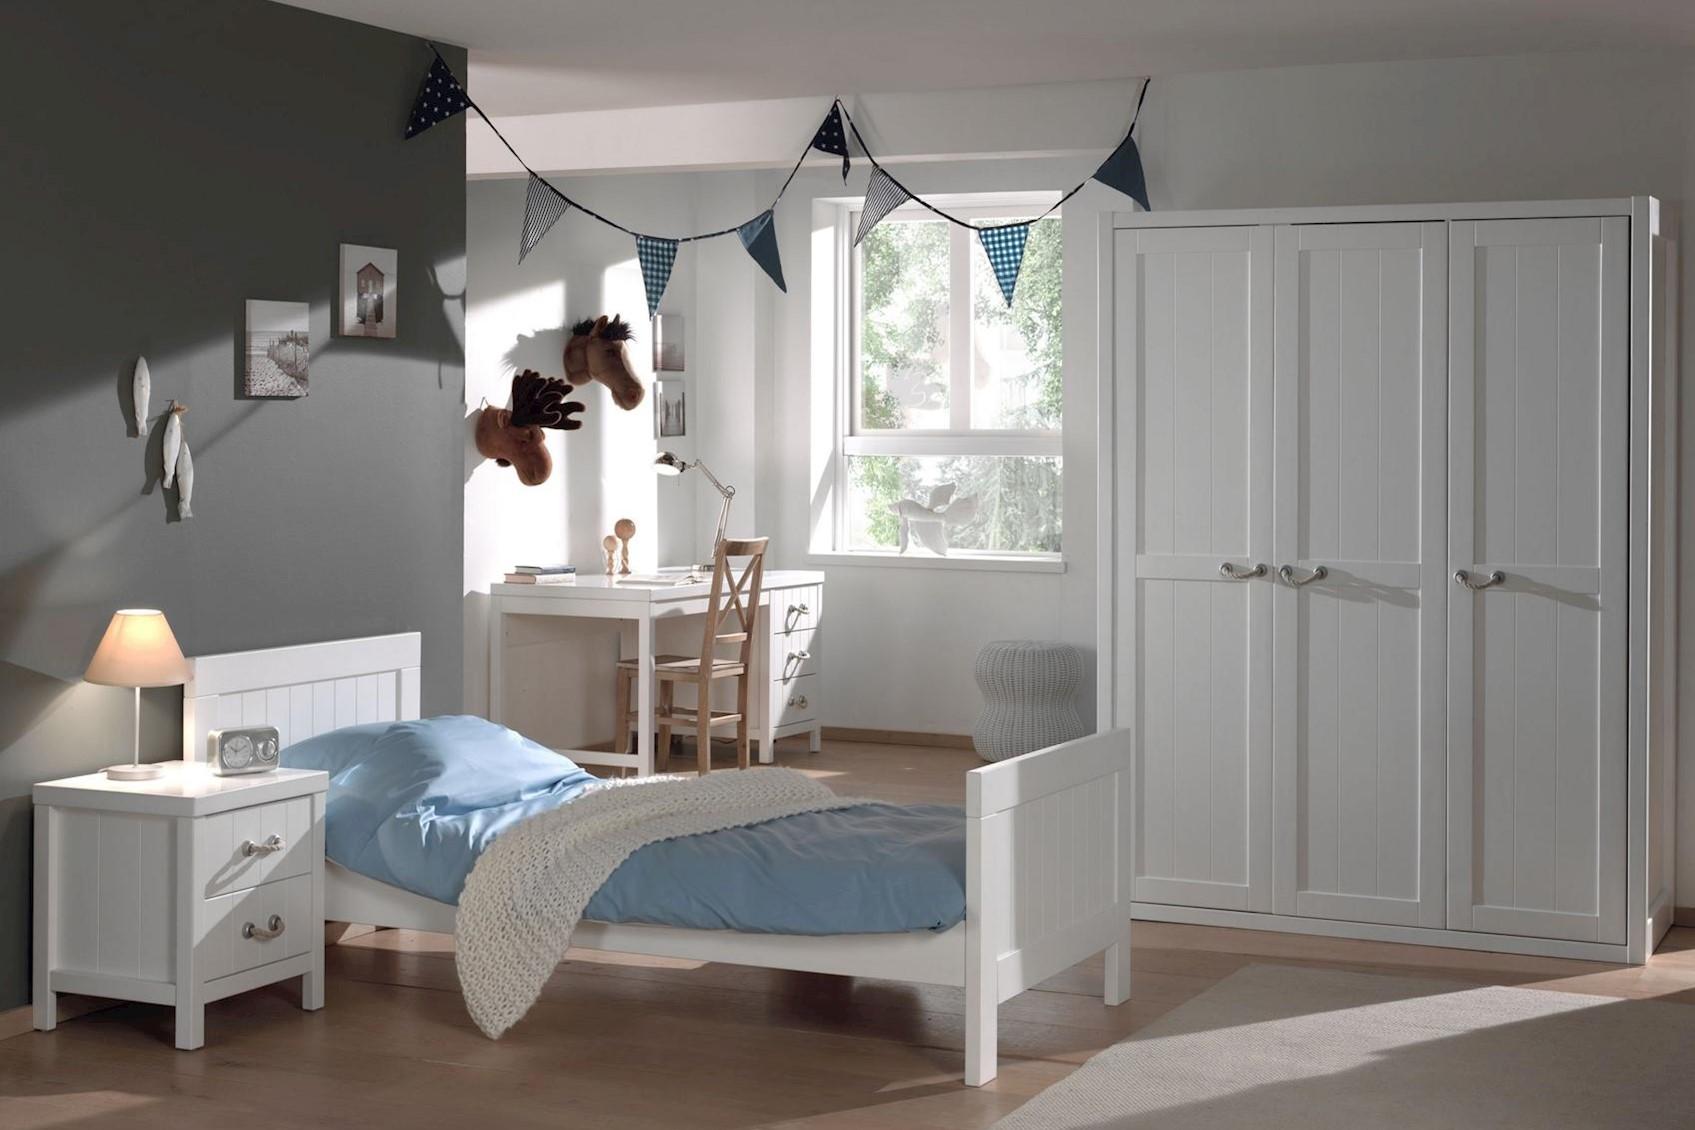 Jugendzimmer komplett Set Iny 4-teilig in Weiß MDF